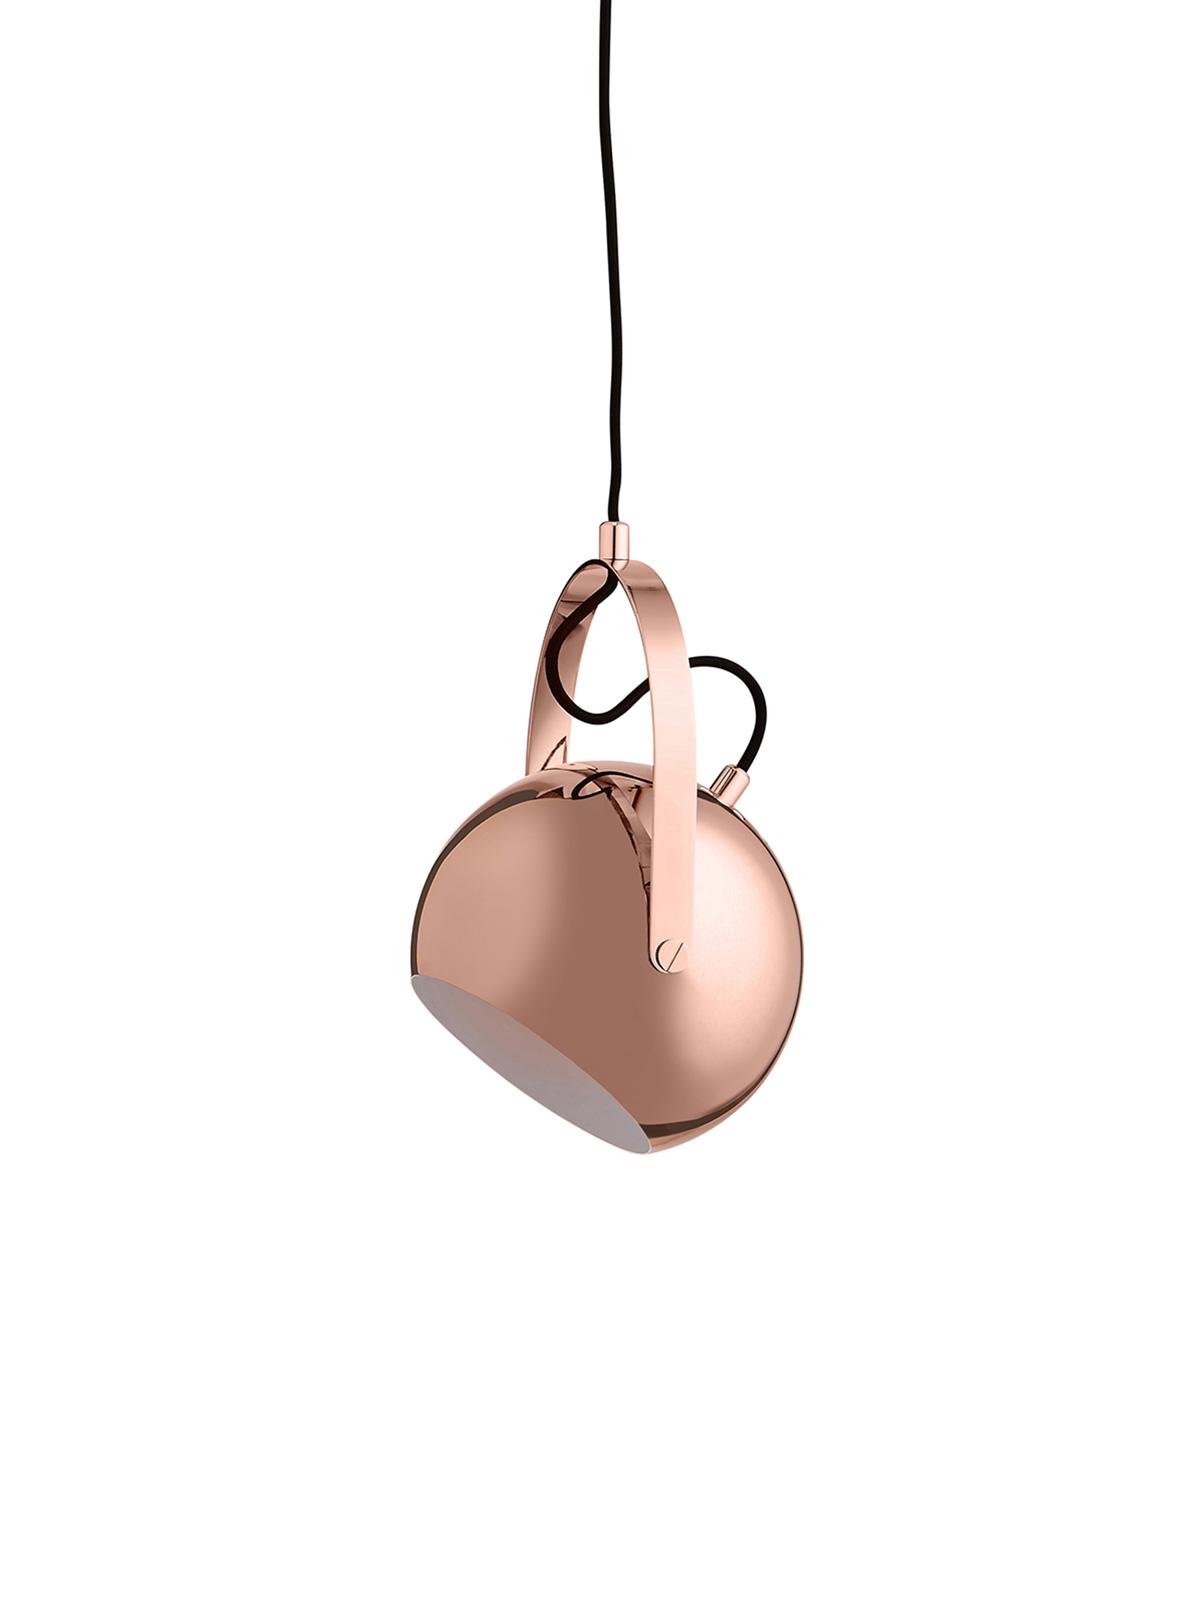 Frandsen Ball with Handle DesignOrt Onlineshop Lampen Berlin